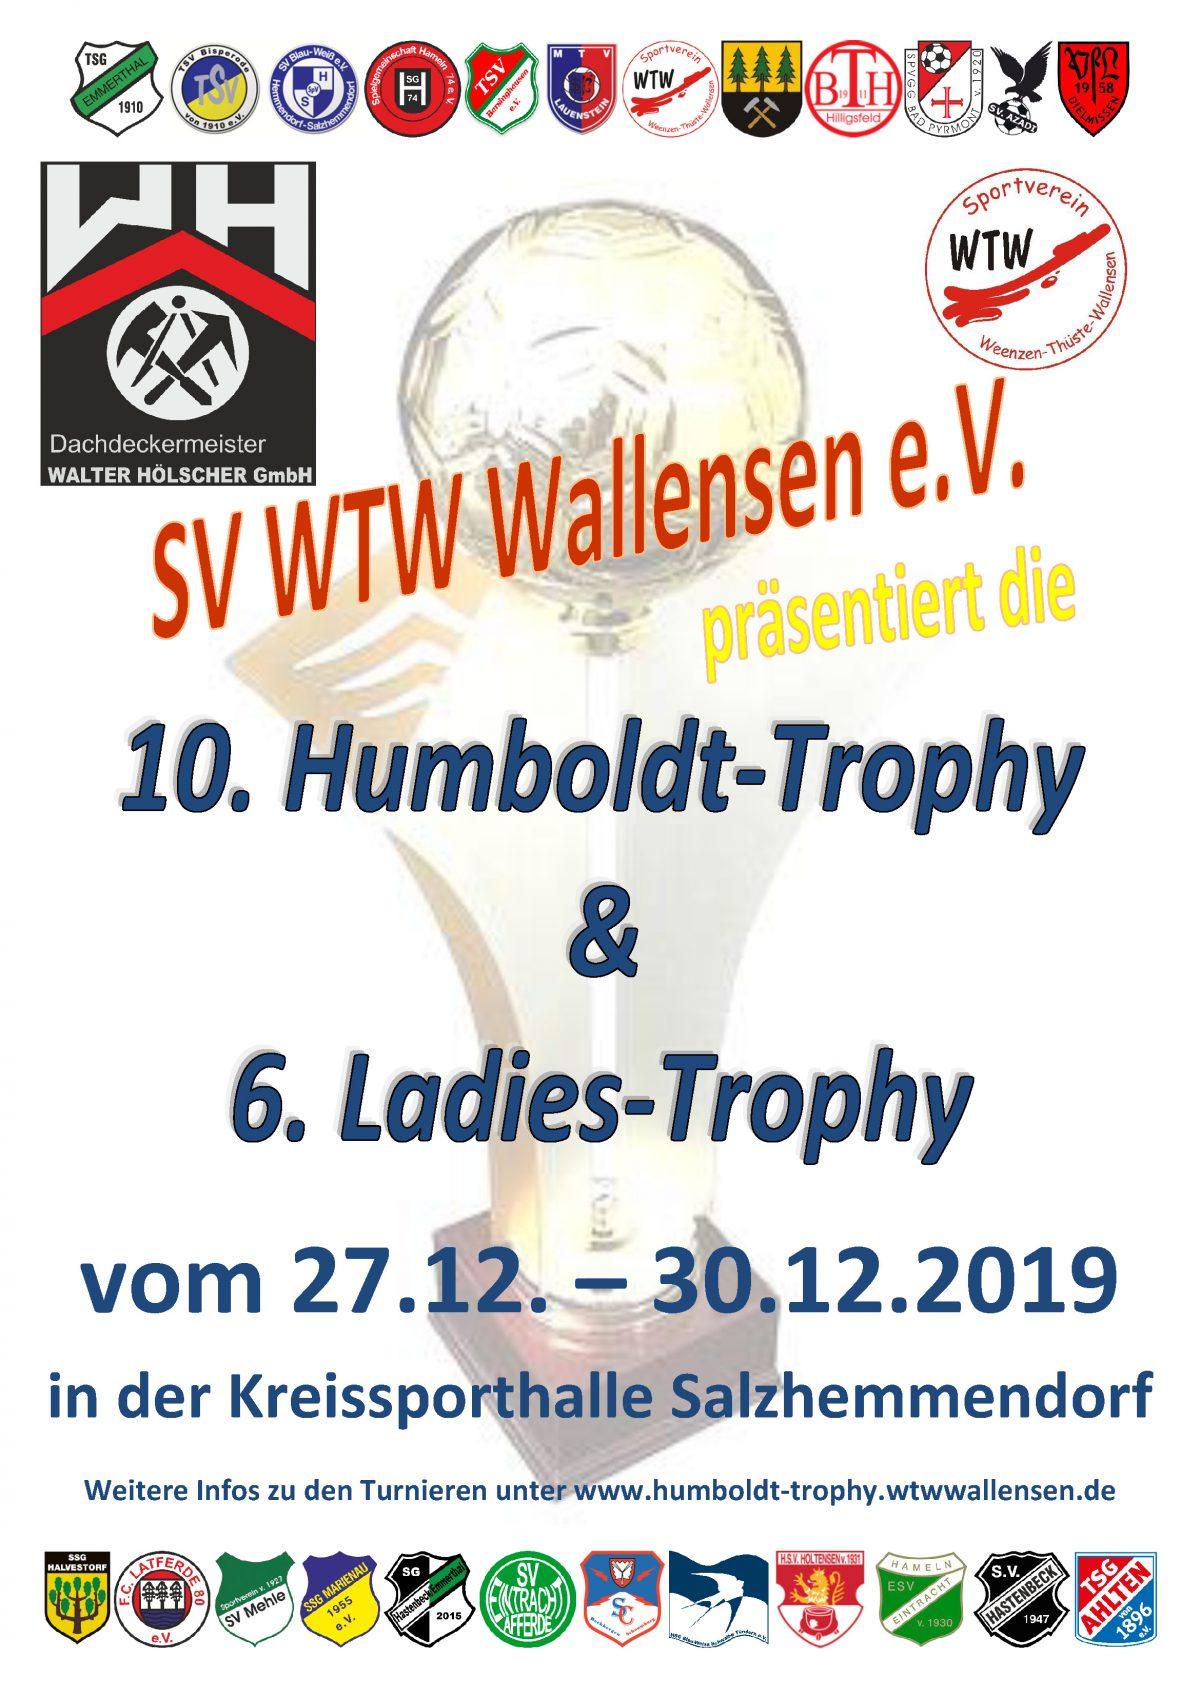 10. Humboldt-Trophy & 6. Ladies-Trophy 2019